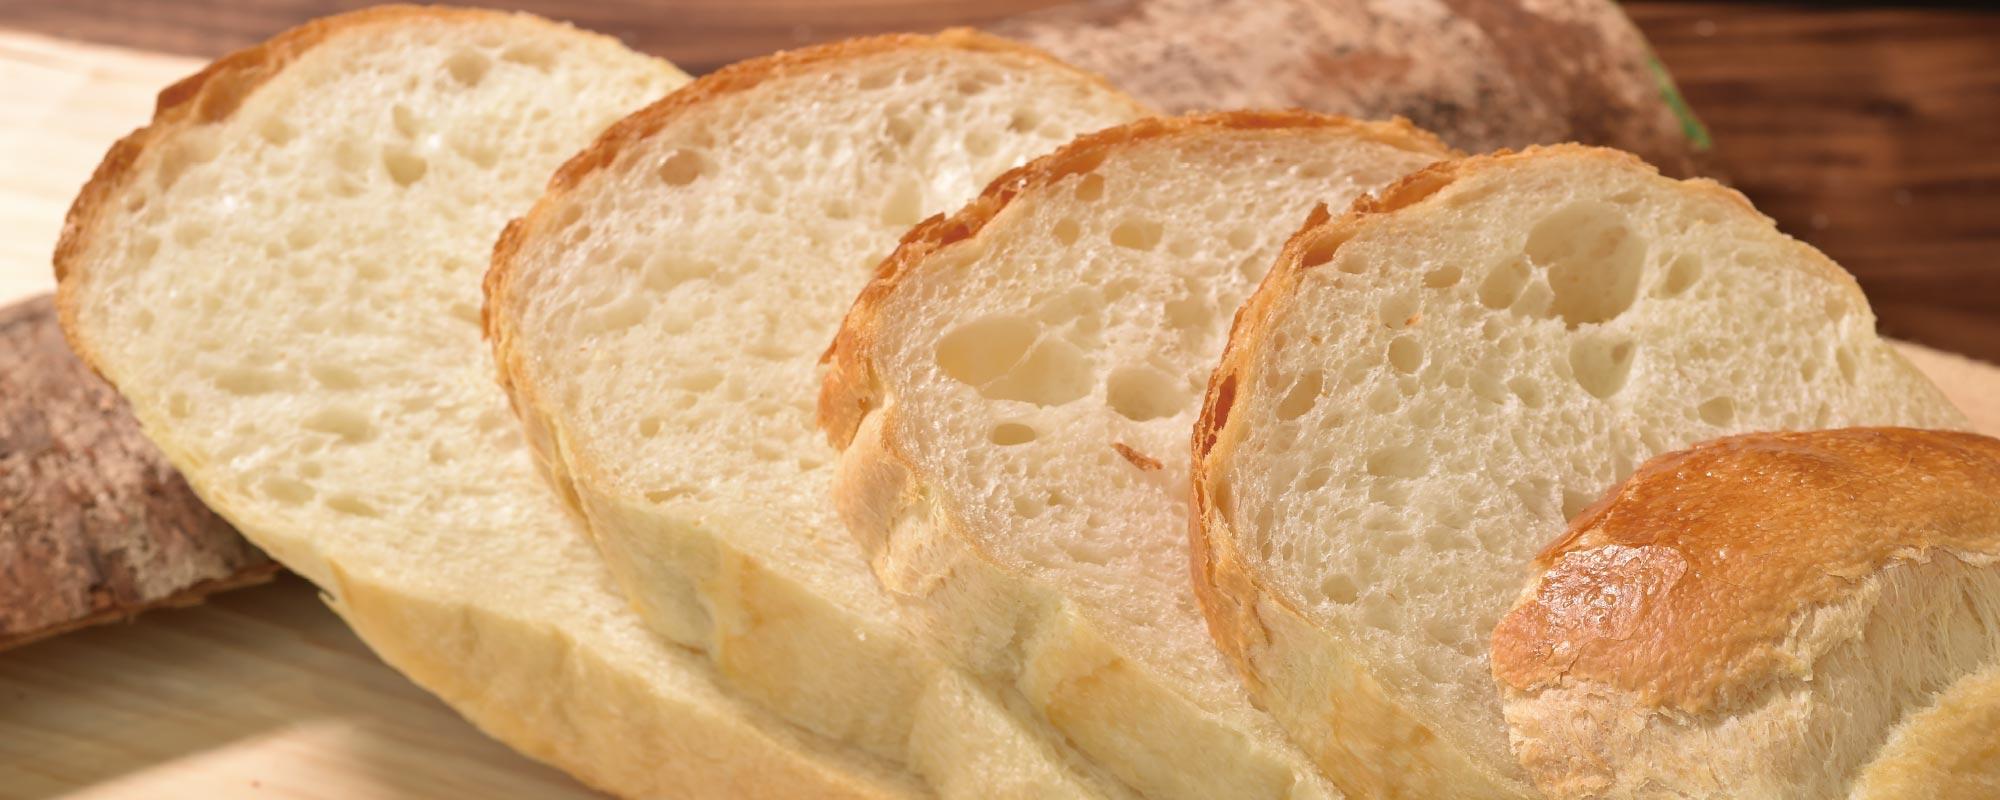 当日焼き上げた食パンを提供するマルベーカリーです